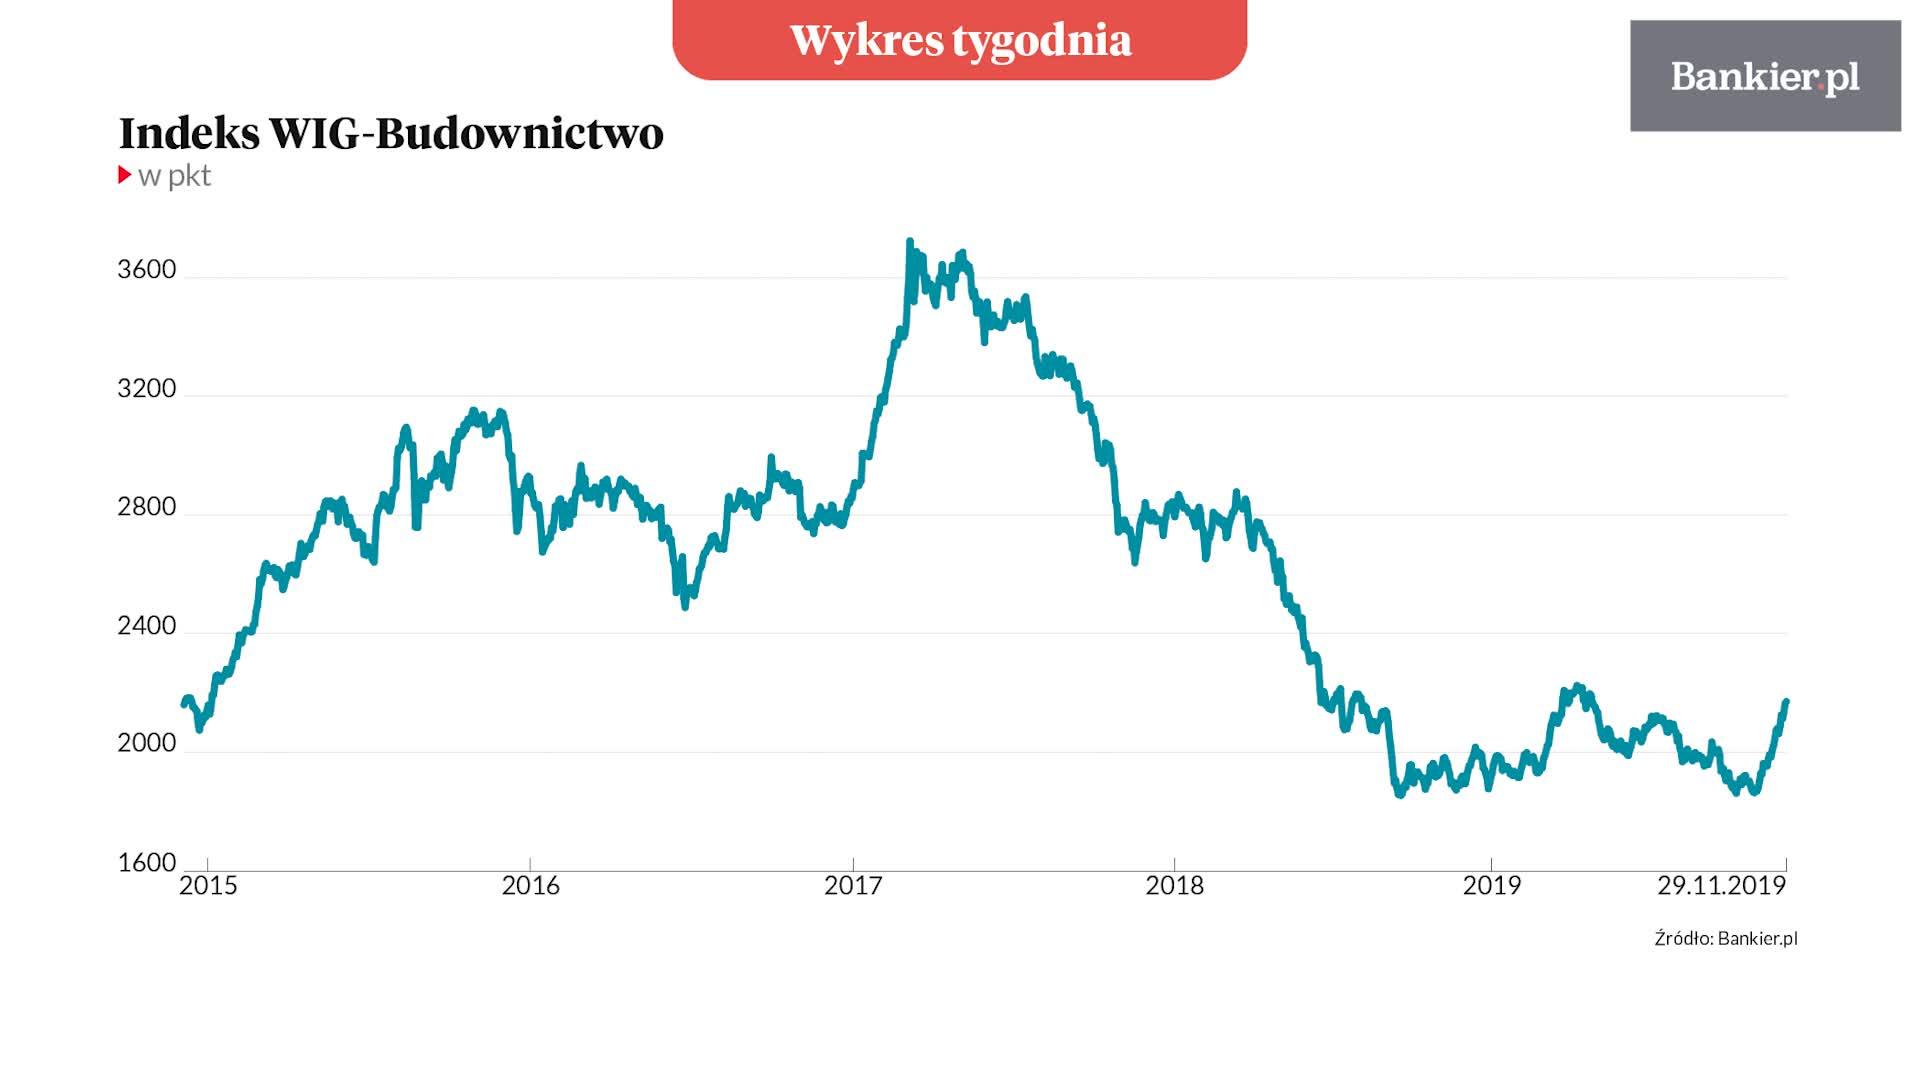 Wykres Tygodnia: Czy giełda dyskontuje poprawę w budownictwie?